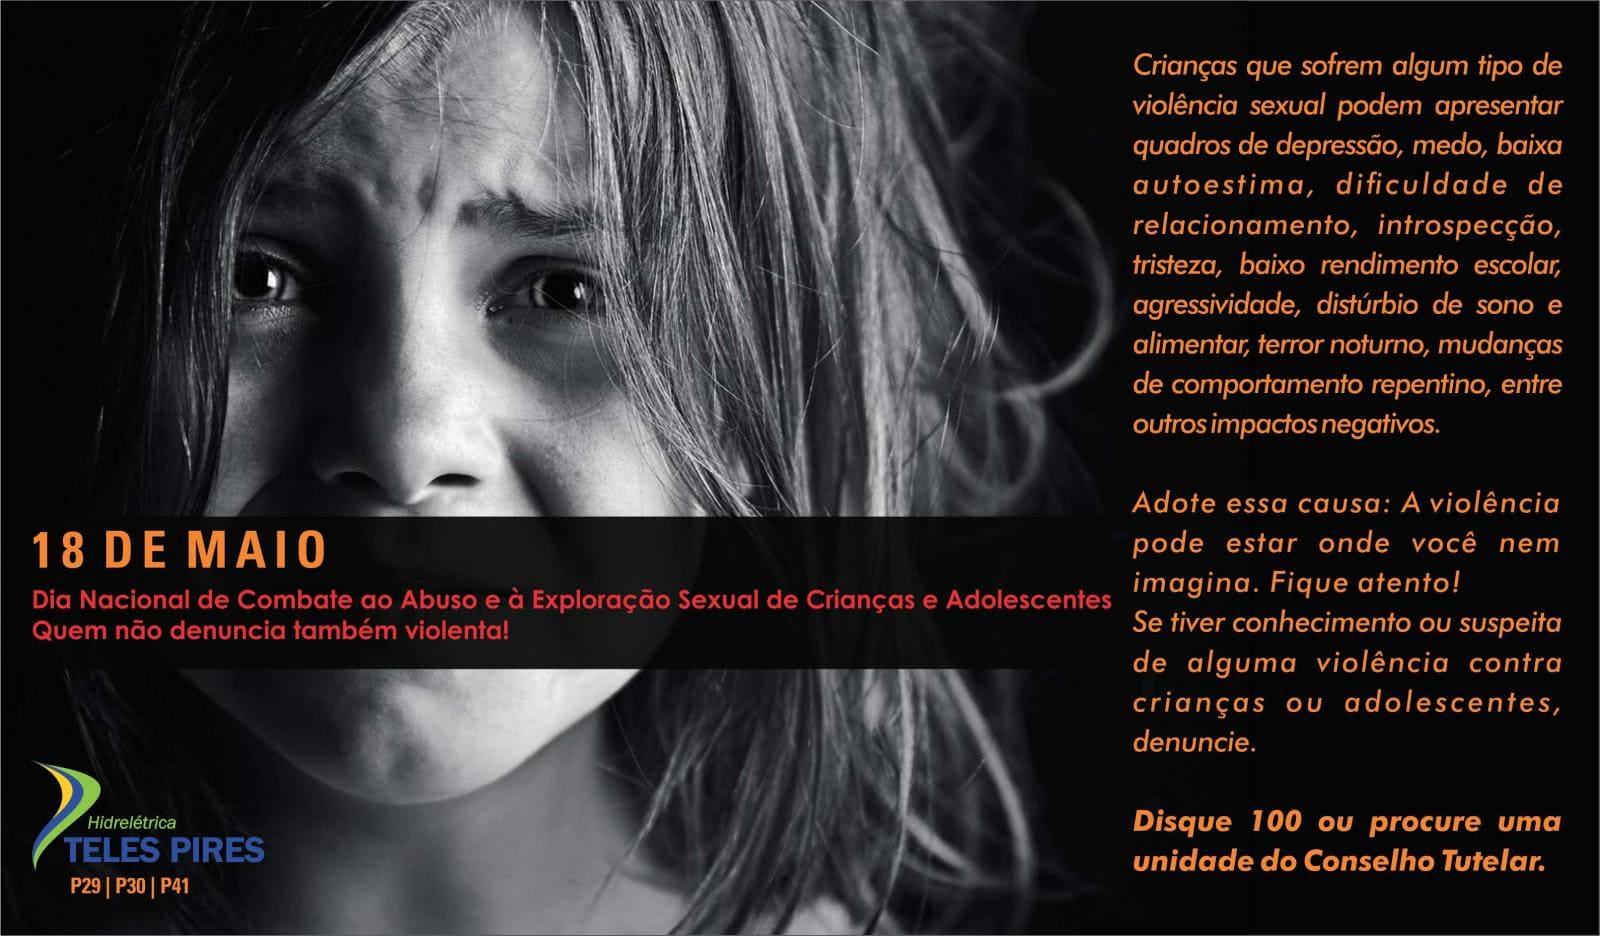 CHTP no combate ao abuso e à exploração sexual de crianças e adolescentes